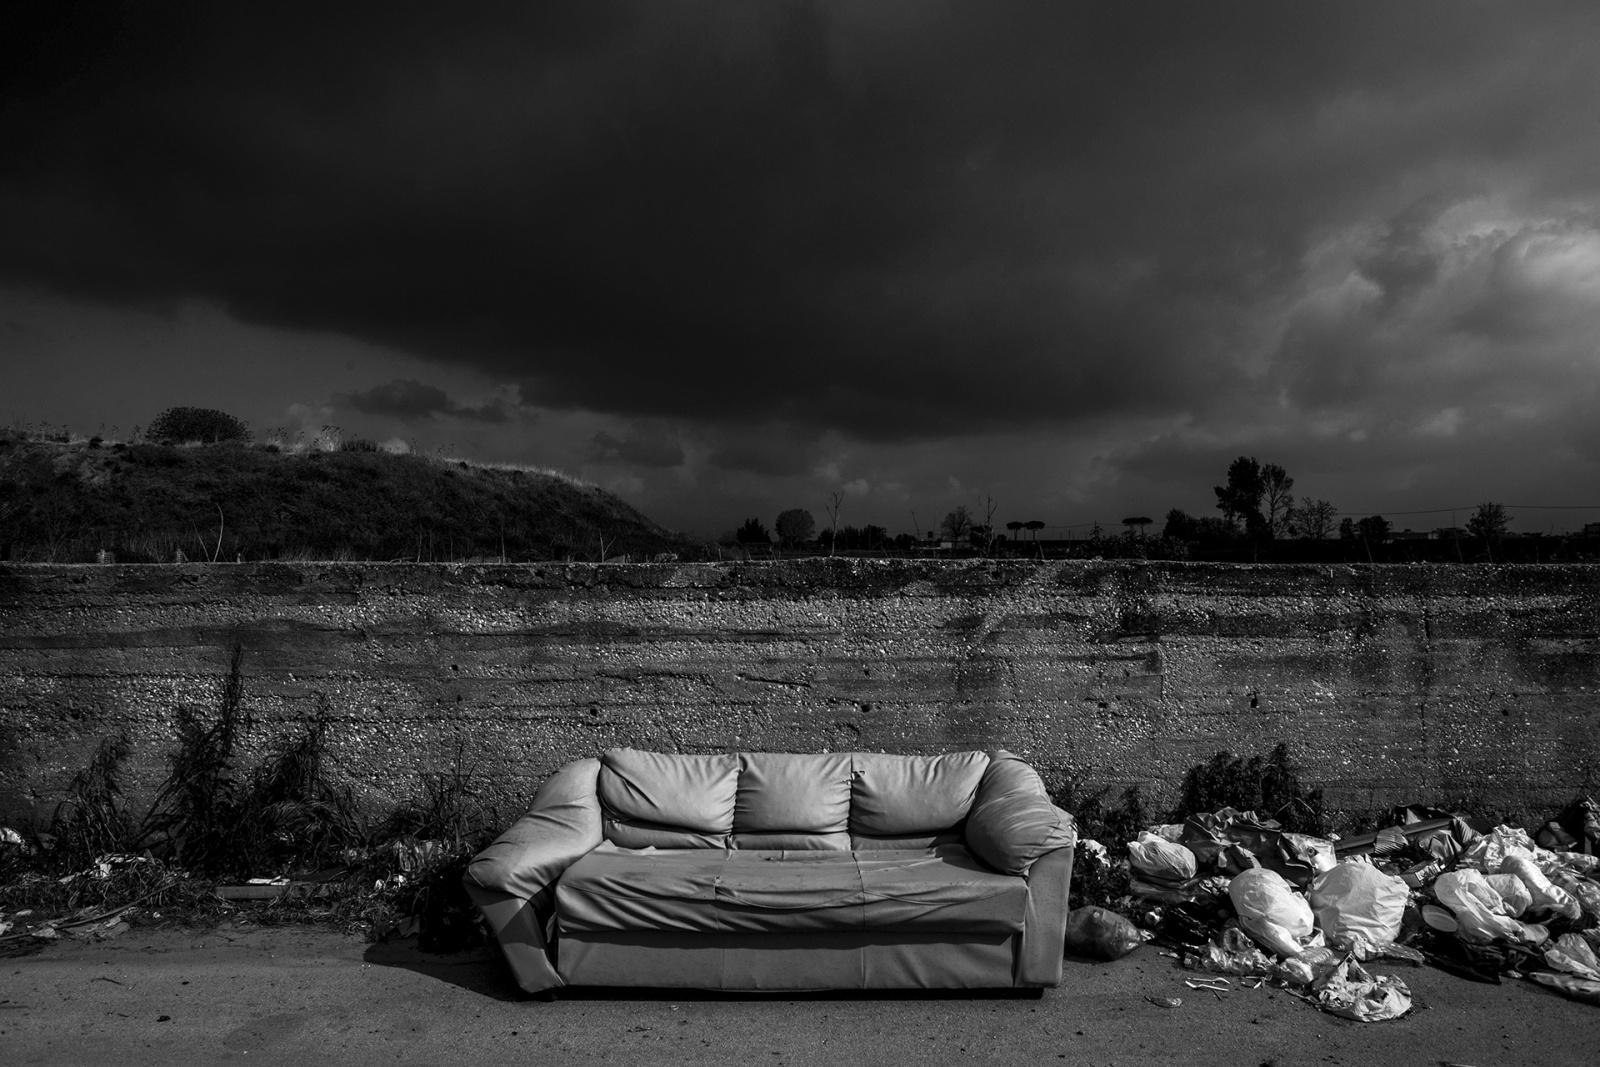 Spazzatura in via Cinquevie, nel cuore della Terra dei fuochi, Casalnuovo di Napoli, NA, 2015. © Stefano Schirato.